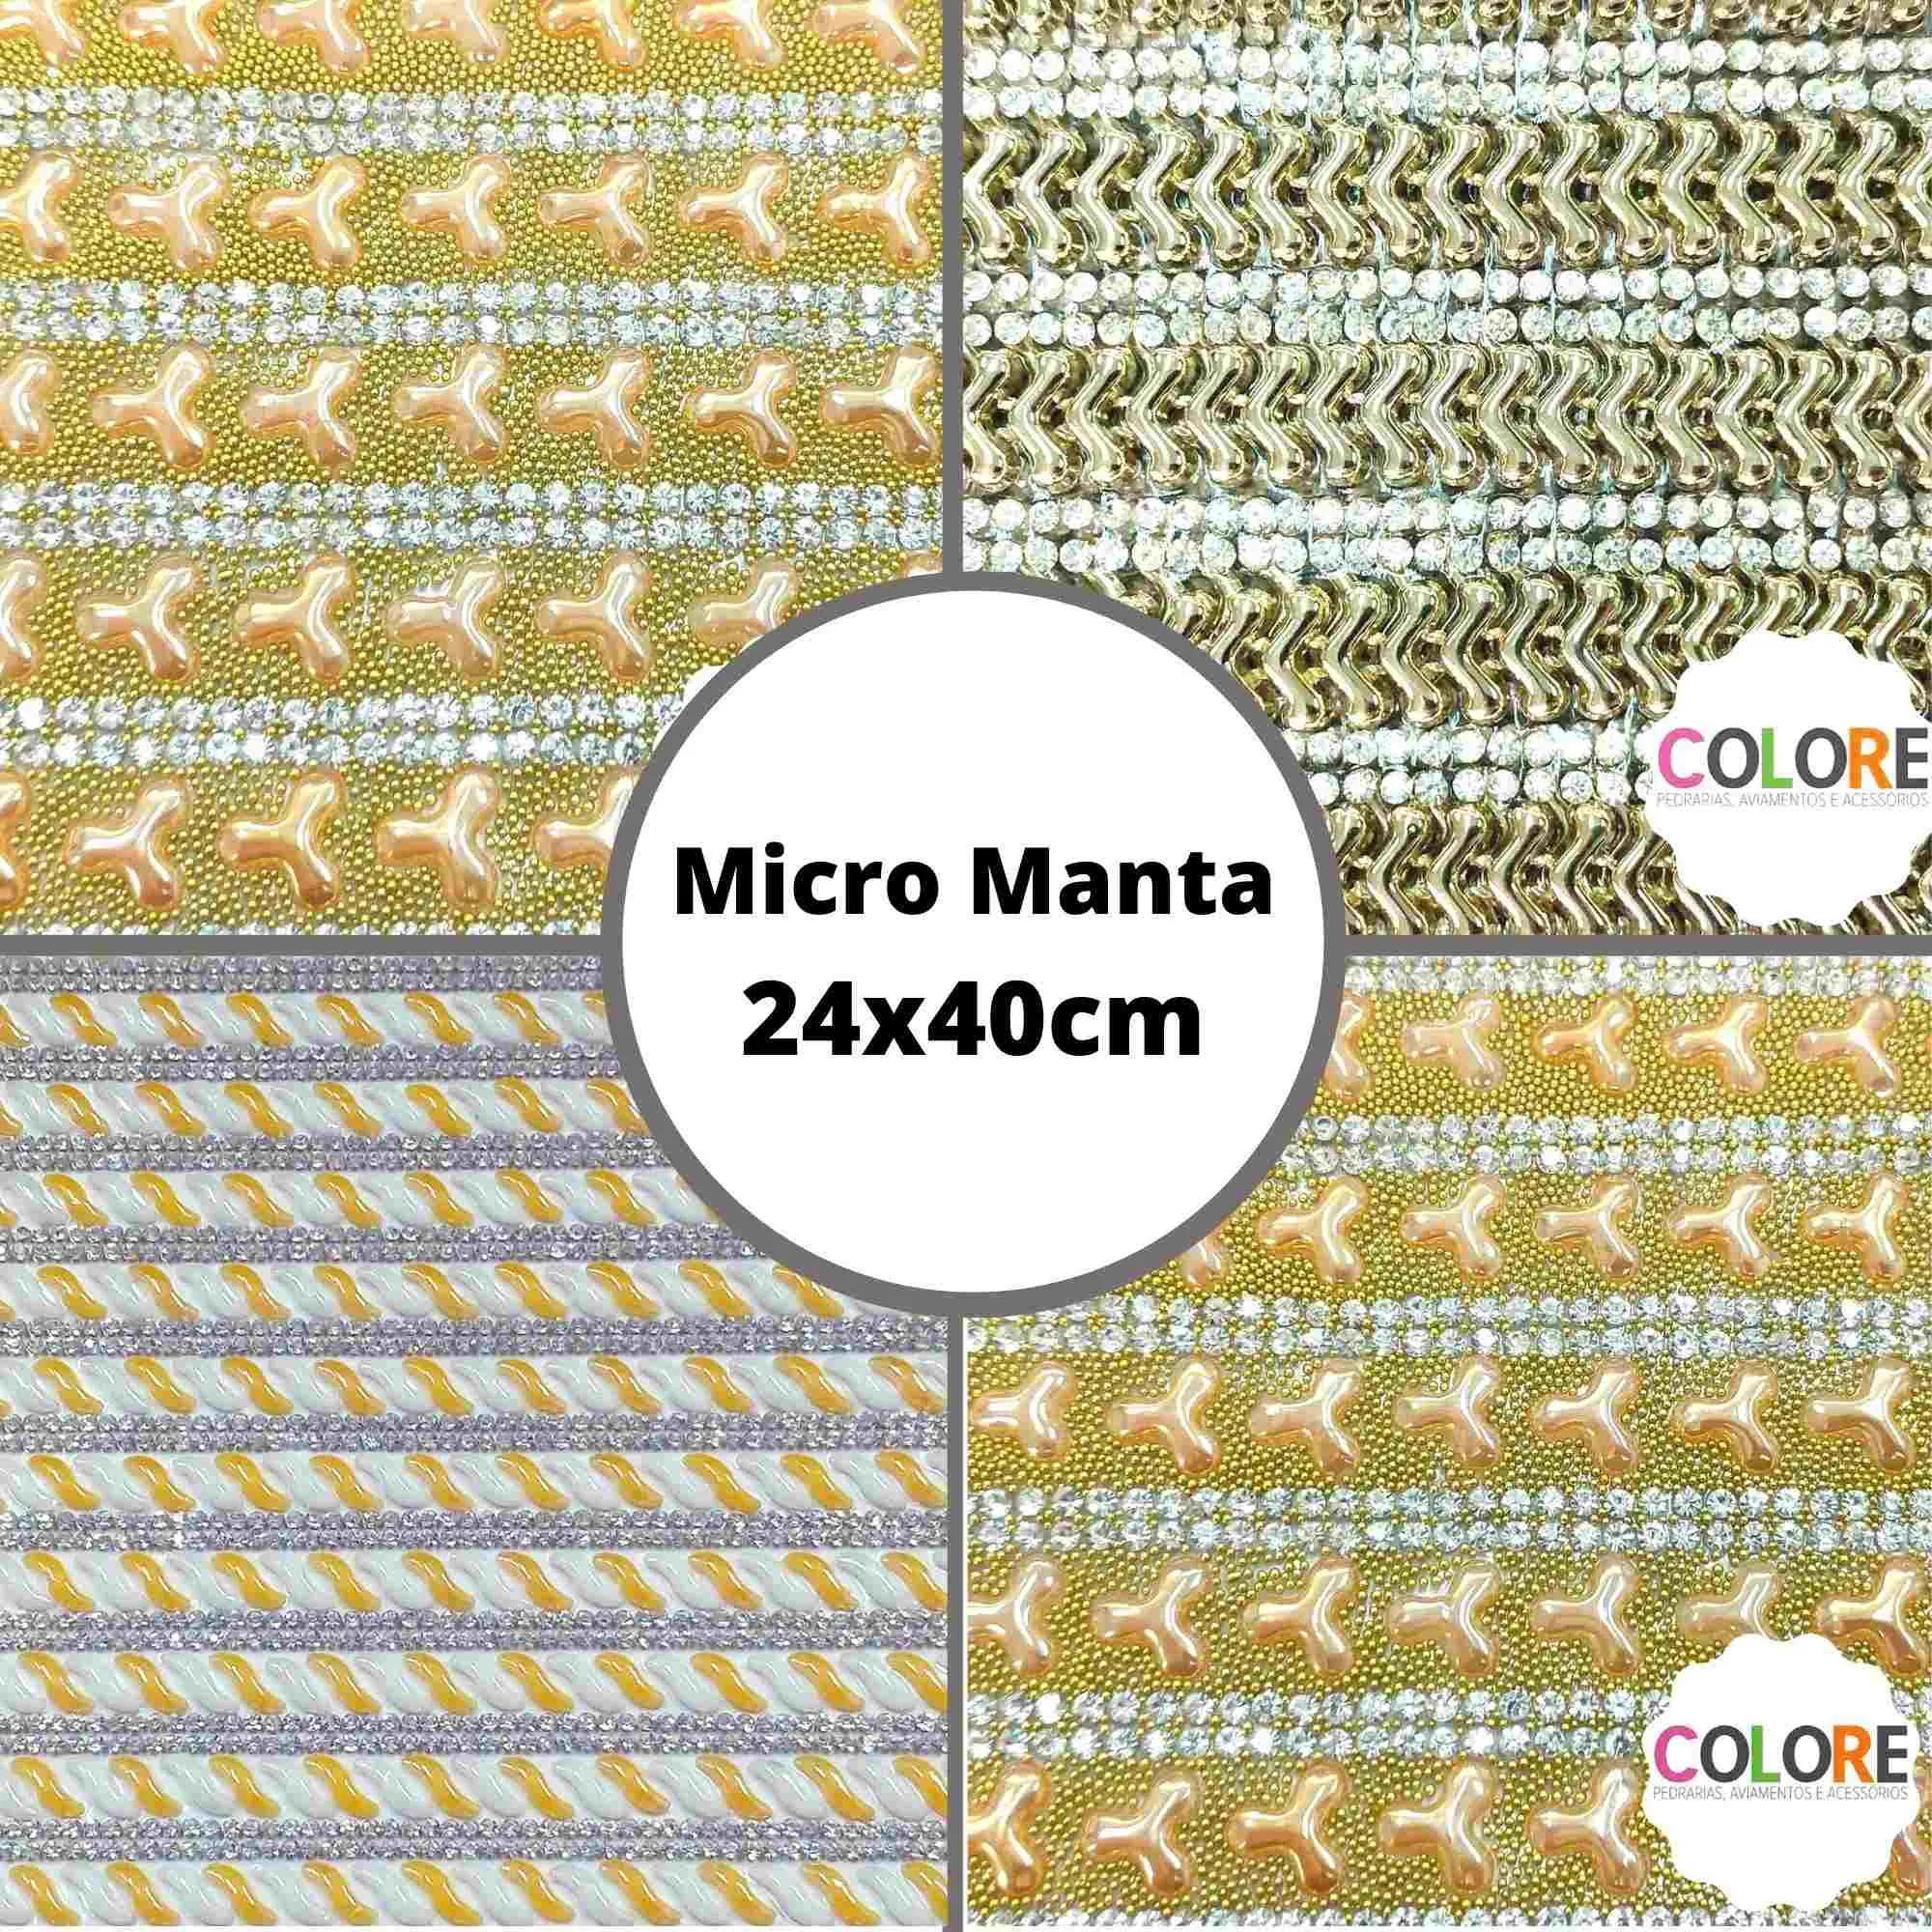 Micro Manta c/ Strass Formados Variados - Tamanho 24x40cm - 1 unidade